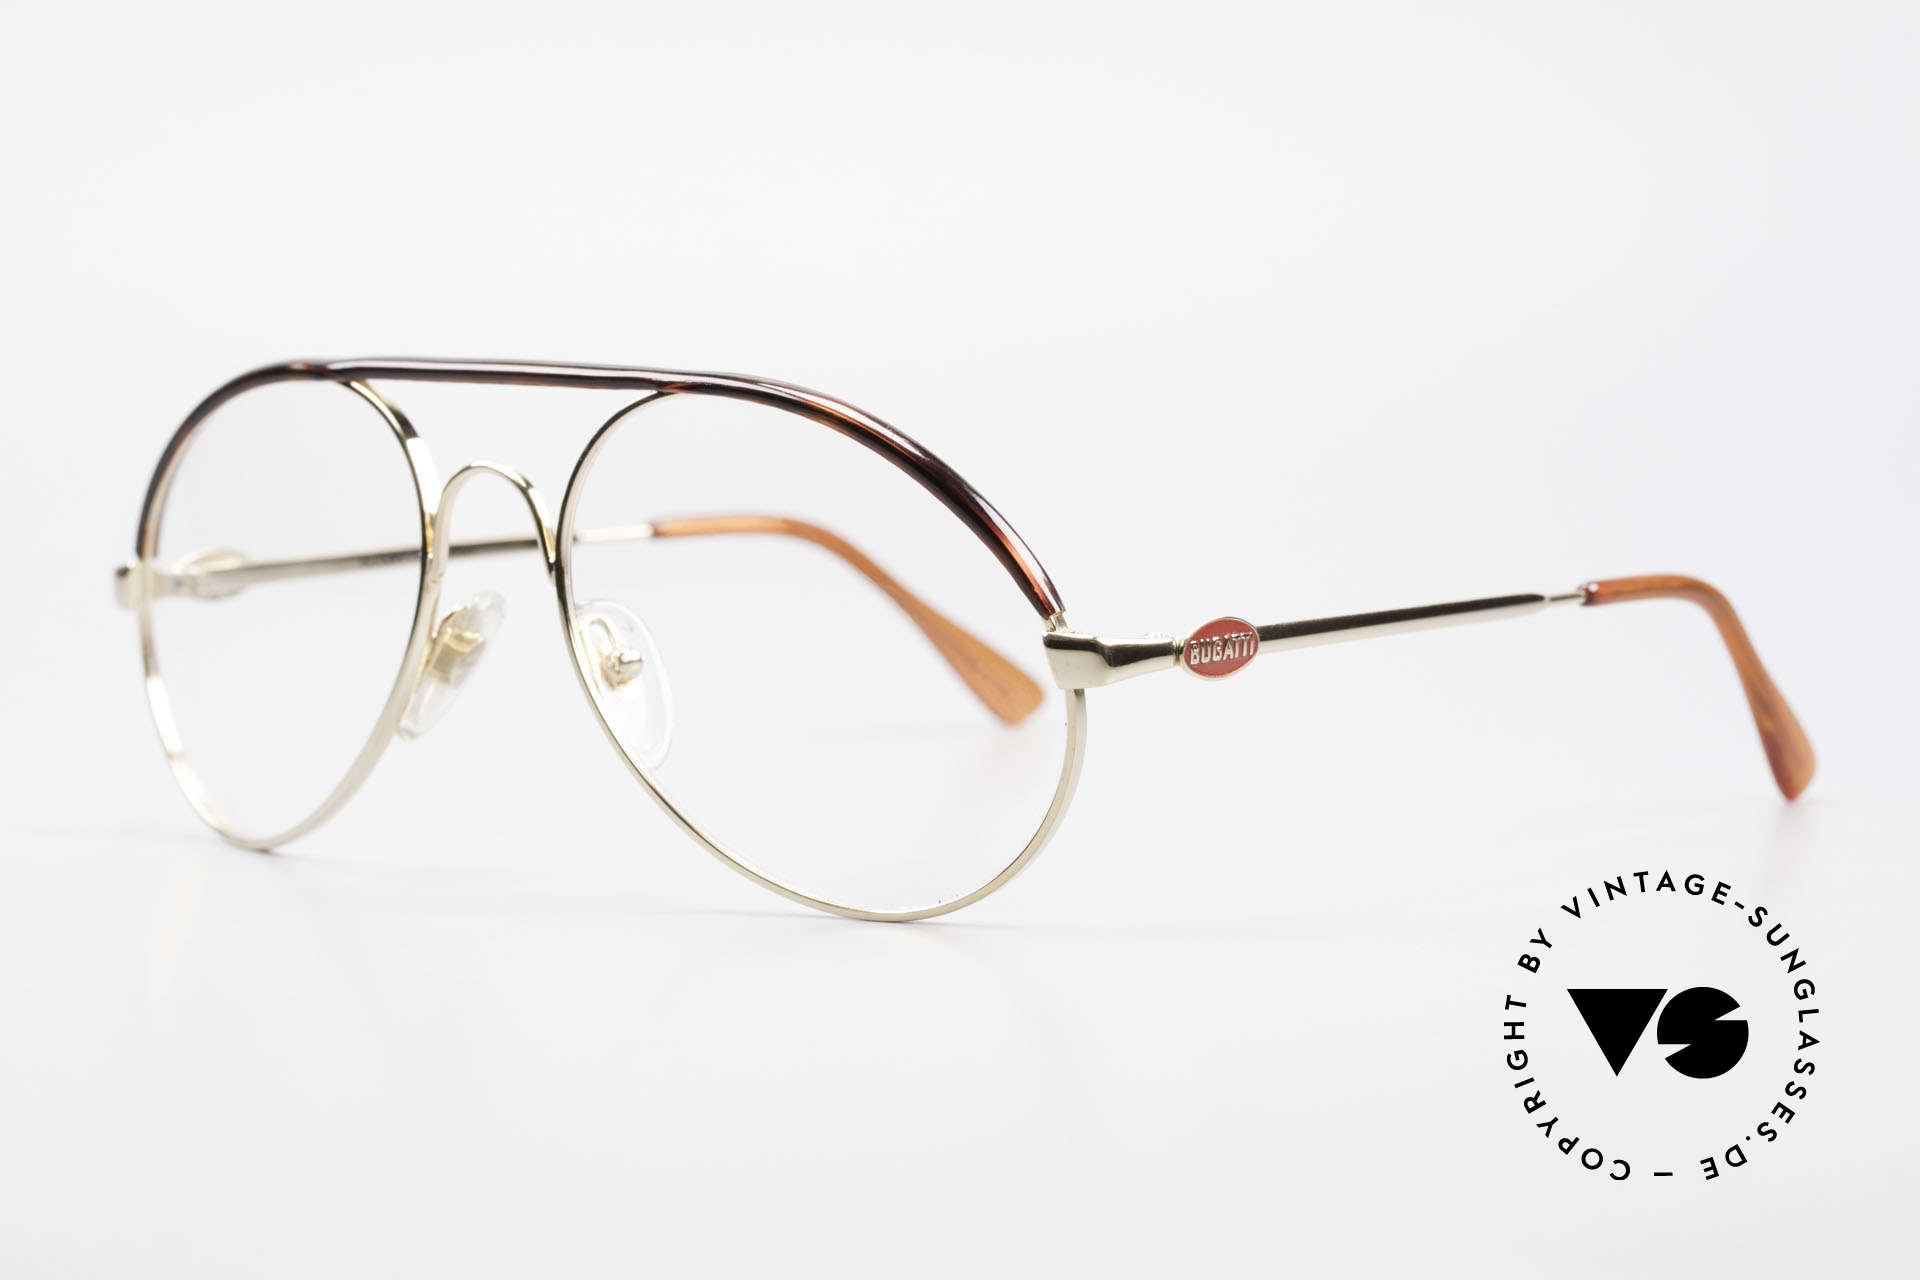 Bugatti 65986 80er Herren Brille Vergoldet, Mod. 65986 mit Oberrand in Schildpatt-Optik, Passend für Herren